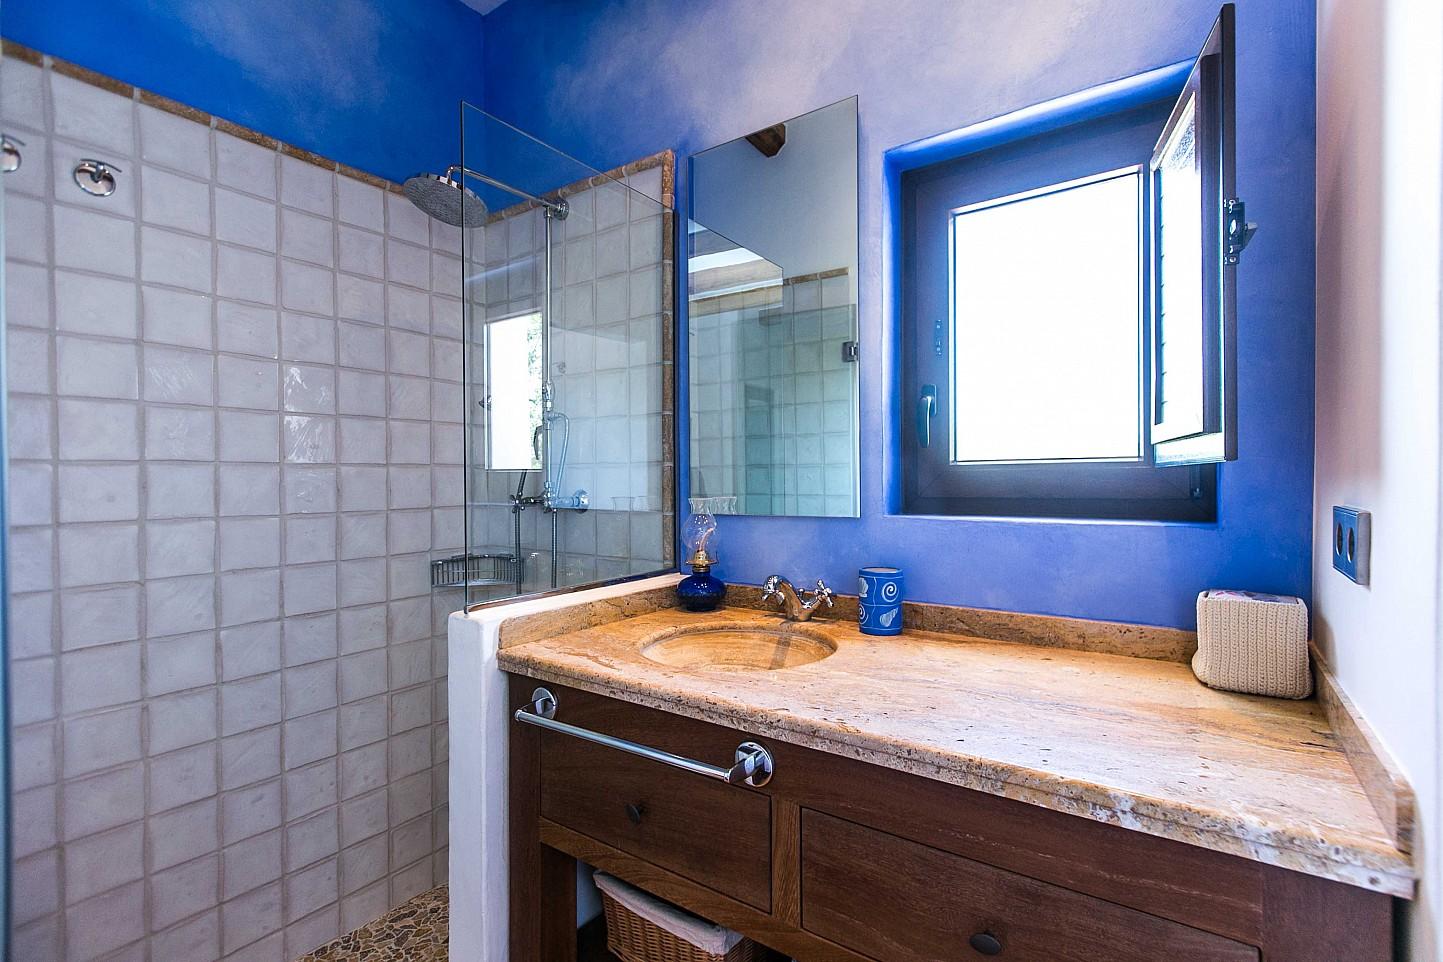 Magnifico baño completo con aseo y plato de ducha en fabulosa casa en alquiler situada en Ibiza